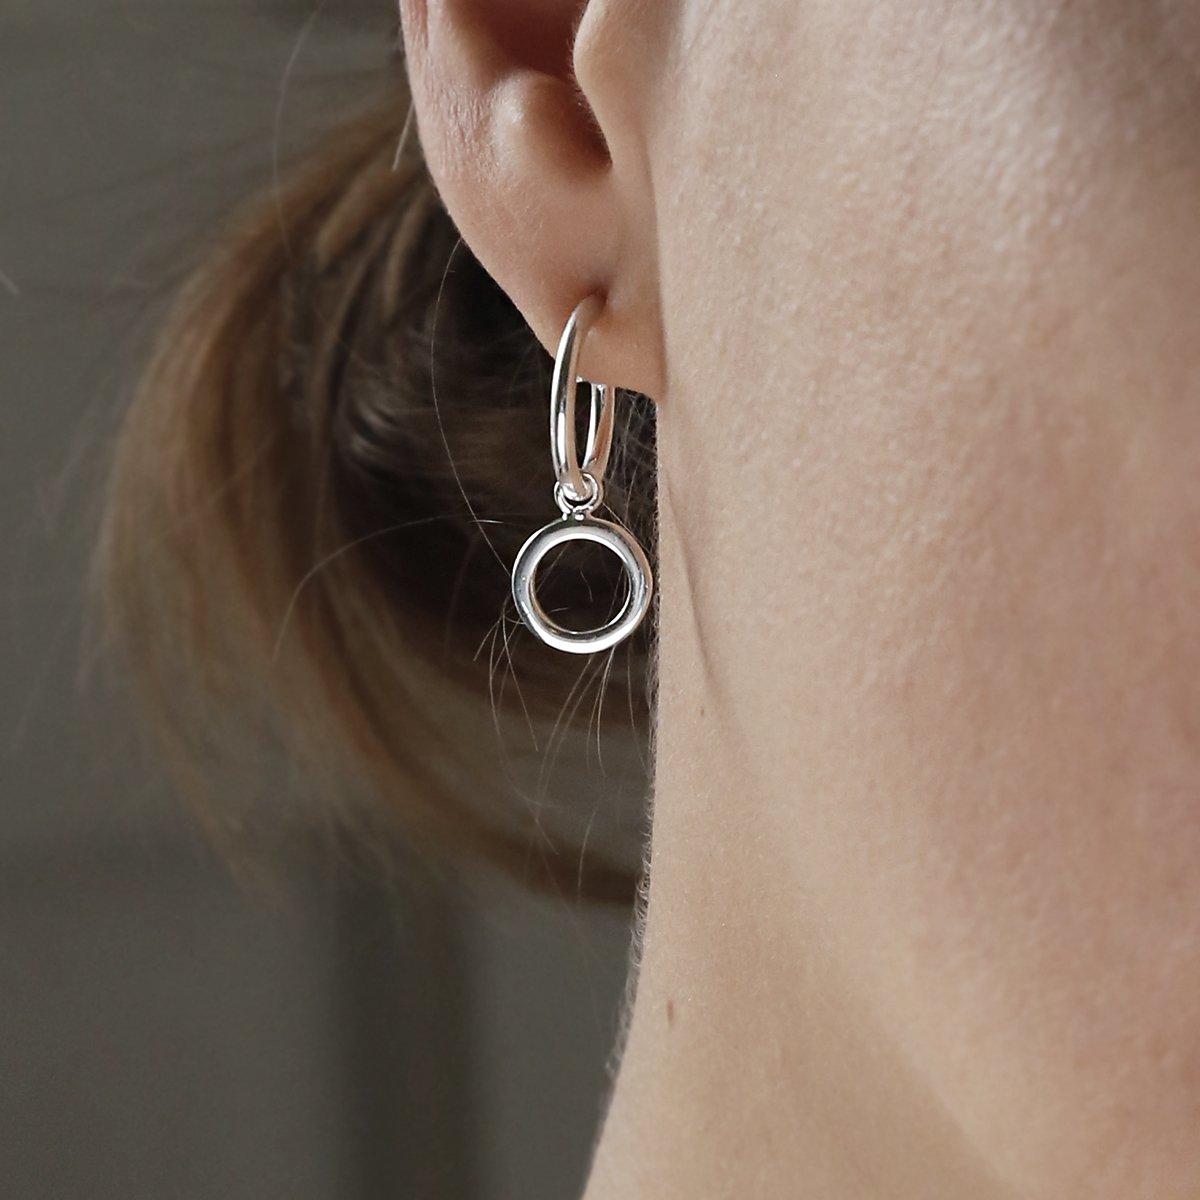 sterling silver circle hoop studs on model